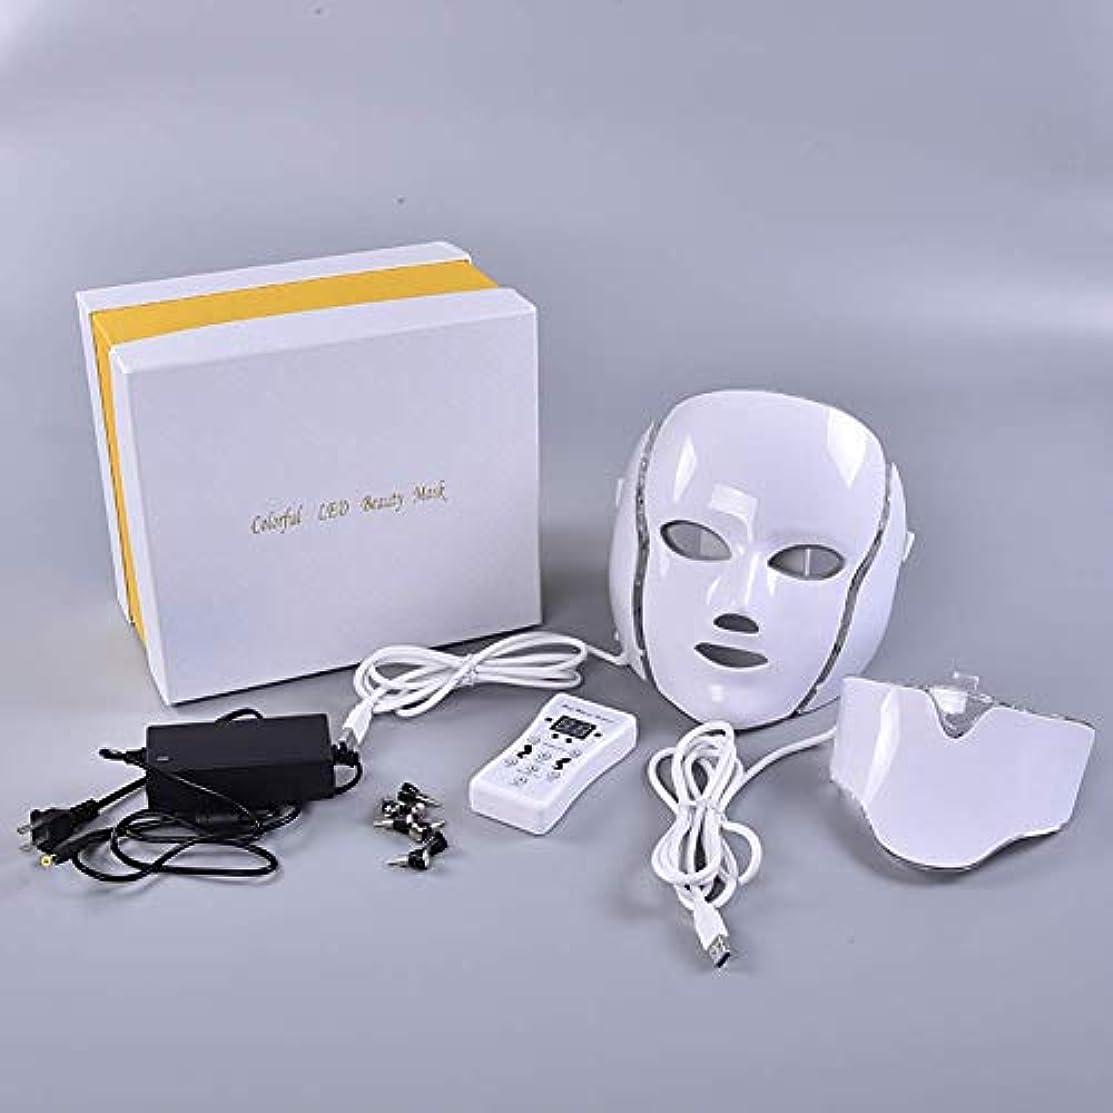 煙突その後ヒューズLed肌光線療法器具、7色ledライト光子ネオン白熱フェイシャルライト肌の若返りledフェイスマスクケア治療美容